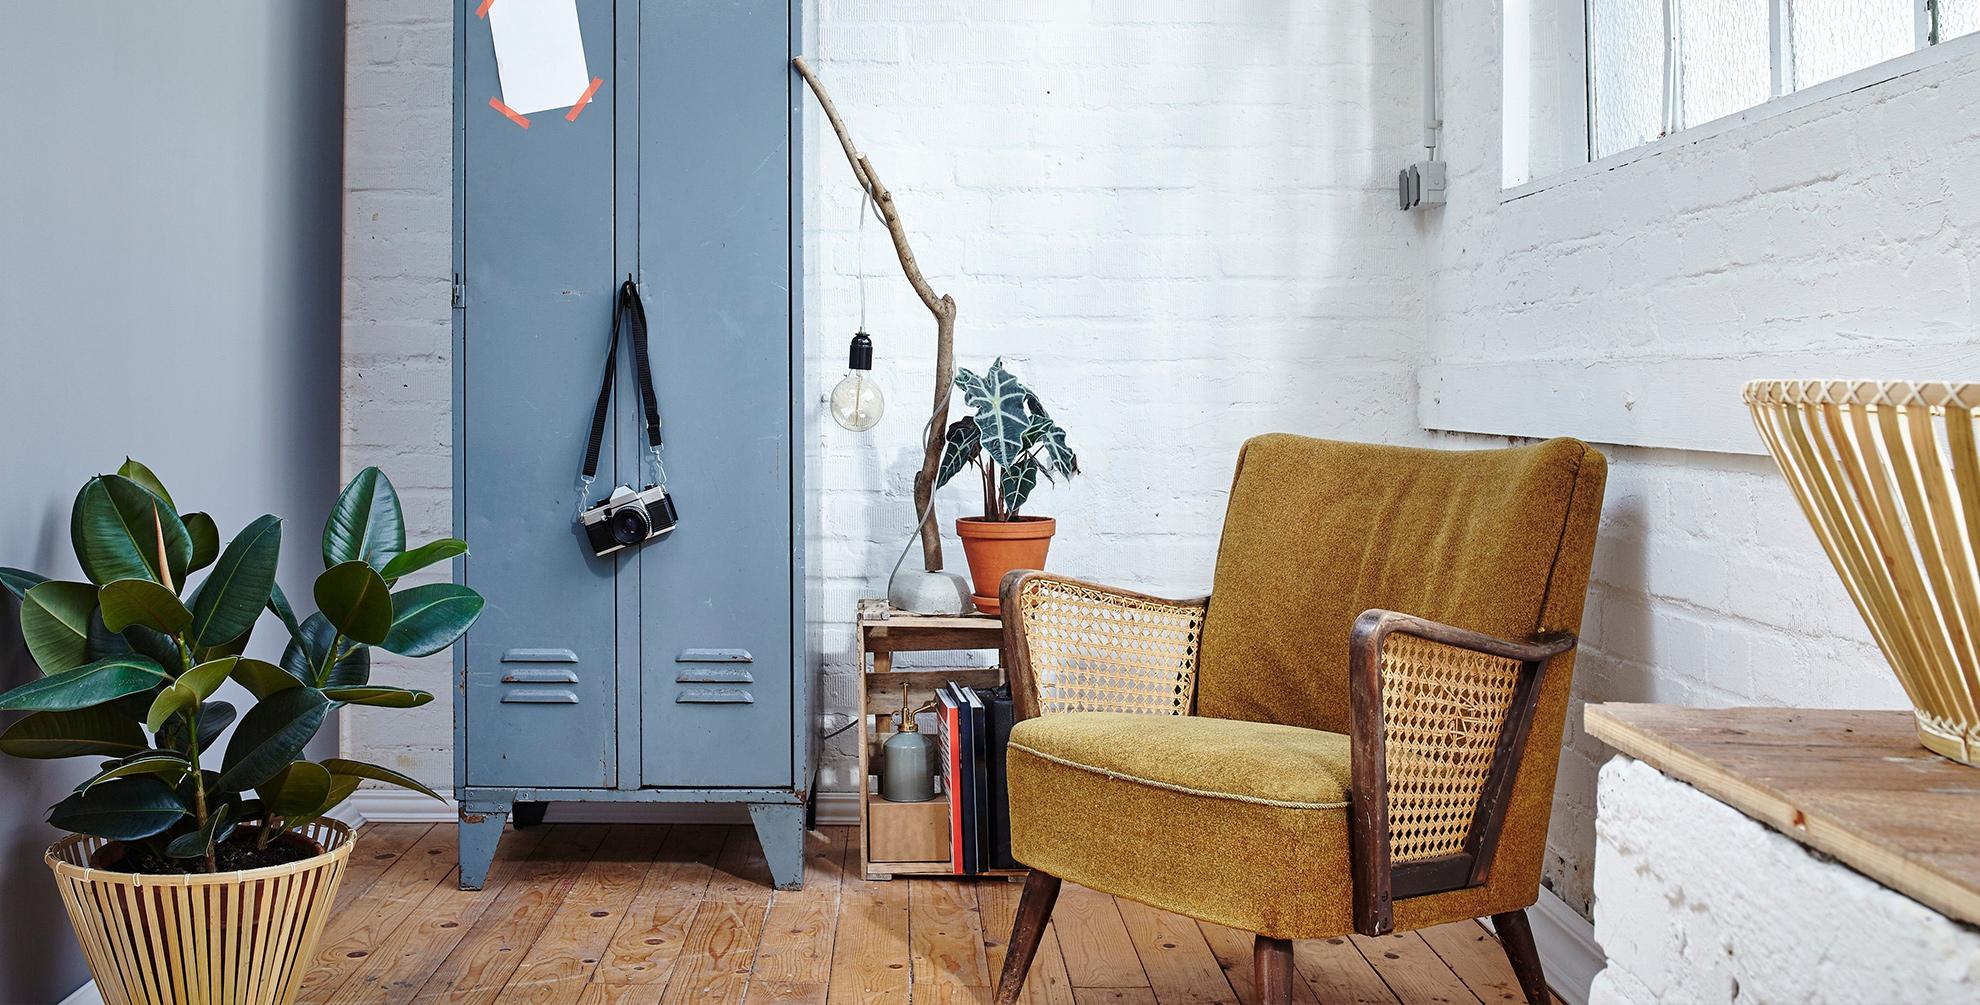 Haal historie in huis met vintage pronkstukken